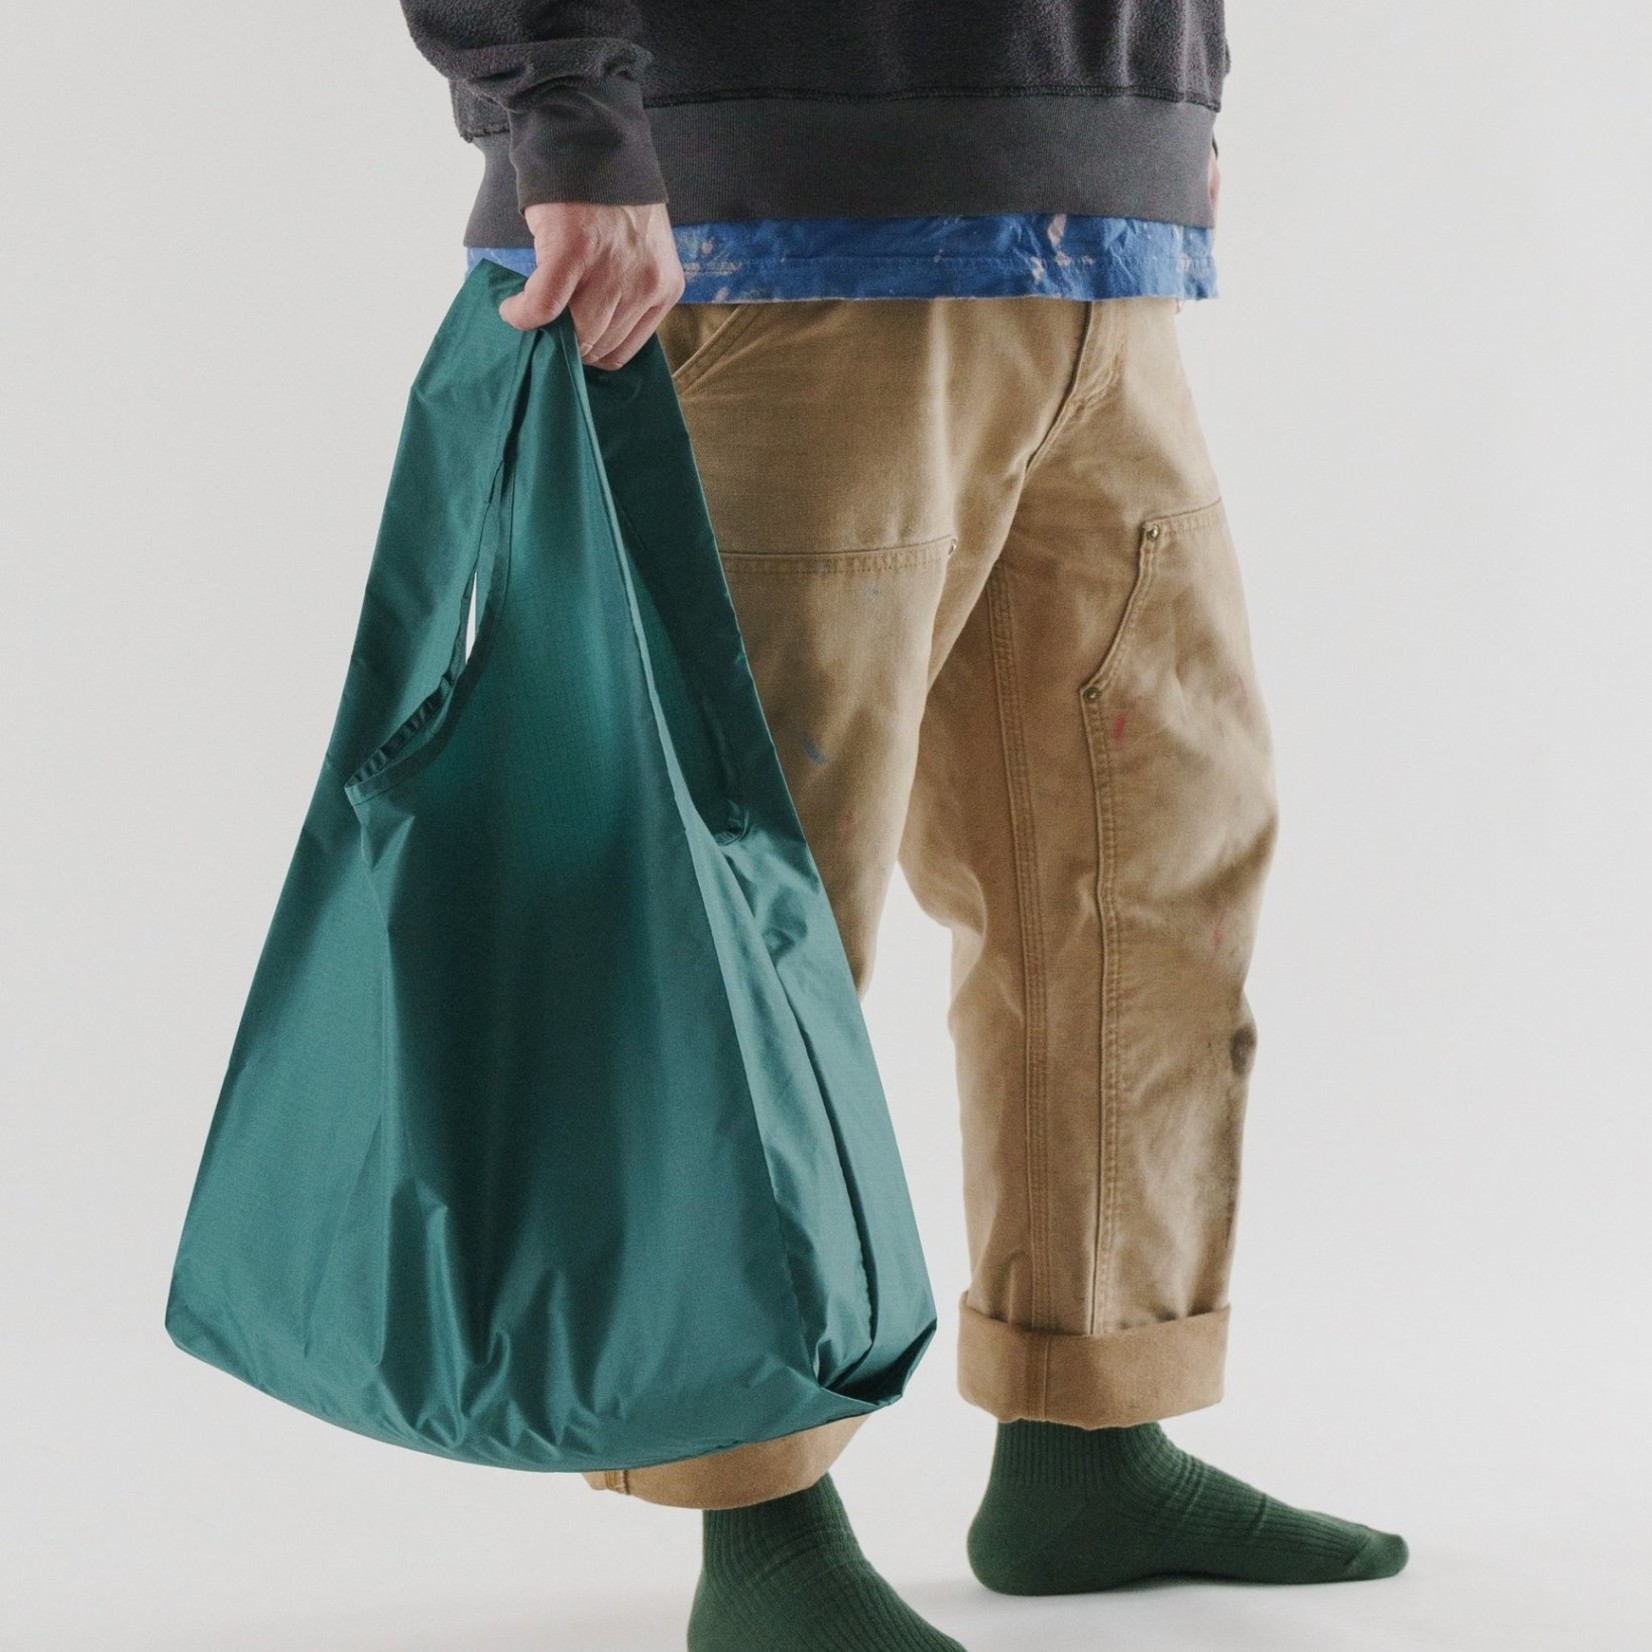 Baggu Baggu Reusable Bag Standard Malachite